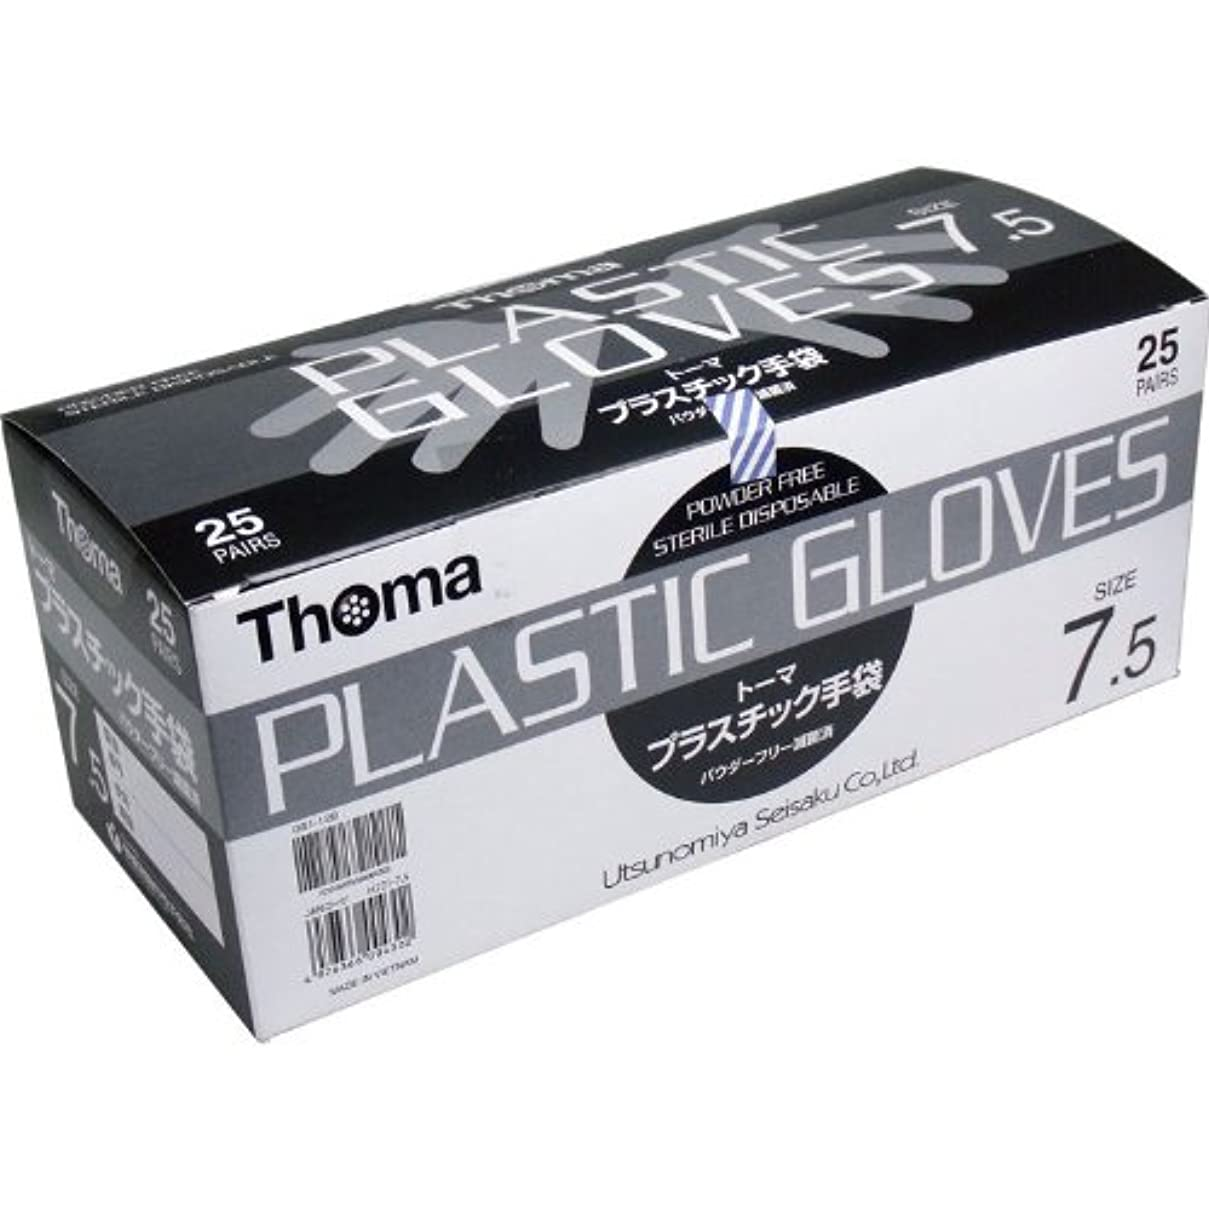 ポゴスティックジャンプ超えるペデスタルパウダーフリー手袋 1双毎に滅菌包装、衛生的 便利 トーマ プラスチック手袋 パウダーフリー滅菌済 25双入 サイズ7.5